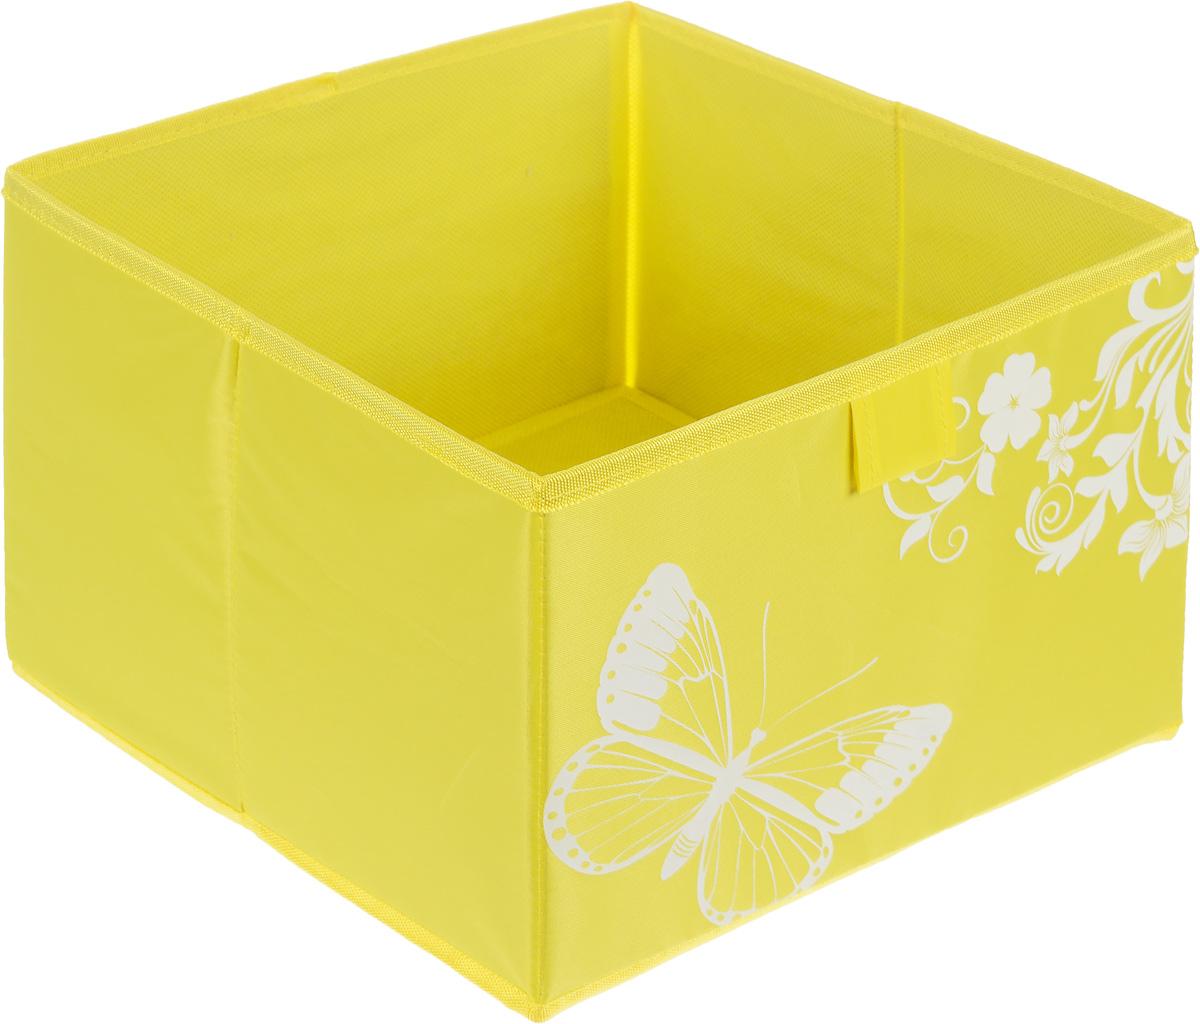 Коробка для хранения Hausmann Butterfly, цвет: желтый, 28 x 27 x 20 см4P-106-M4С_желтыйКоробка для хранения Hausmann поможет легко организовать пространство в шкафу или в гардеробе. Изделие выполнено из из нетканого материала и полиэстера. Коробка держит форму благодаря жесткой вставке из картона, которая устанавливается на дно. Боковая поверхность оформлена красивым принтом и изображением бабочки. В такой коробке удобно хранить одежду, нижнее белье, различные аксессуары.